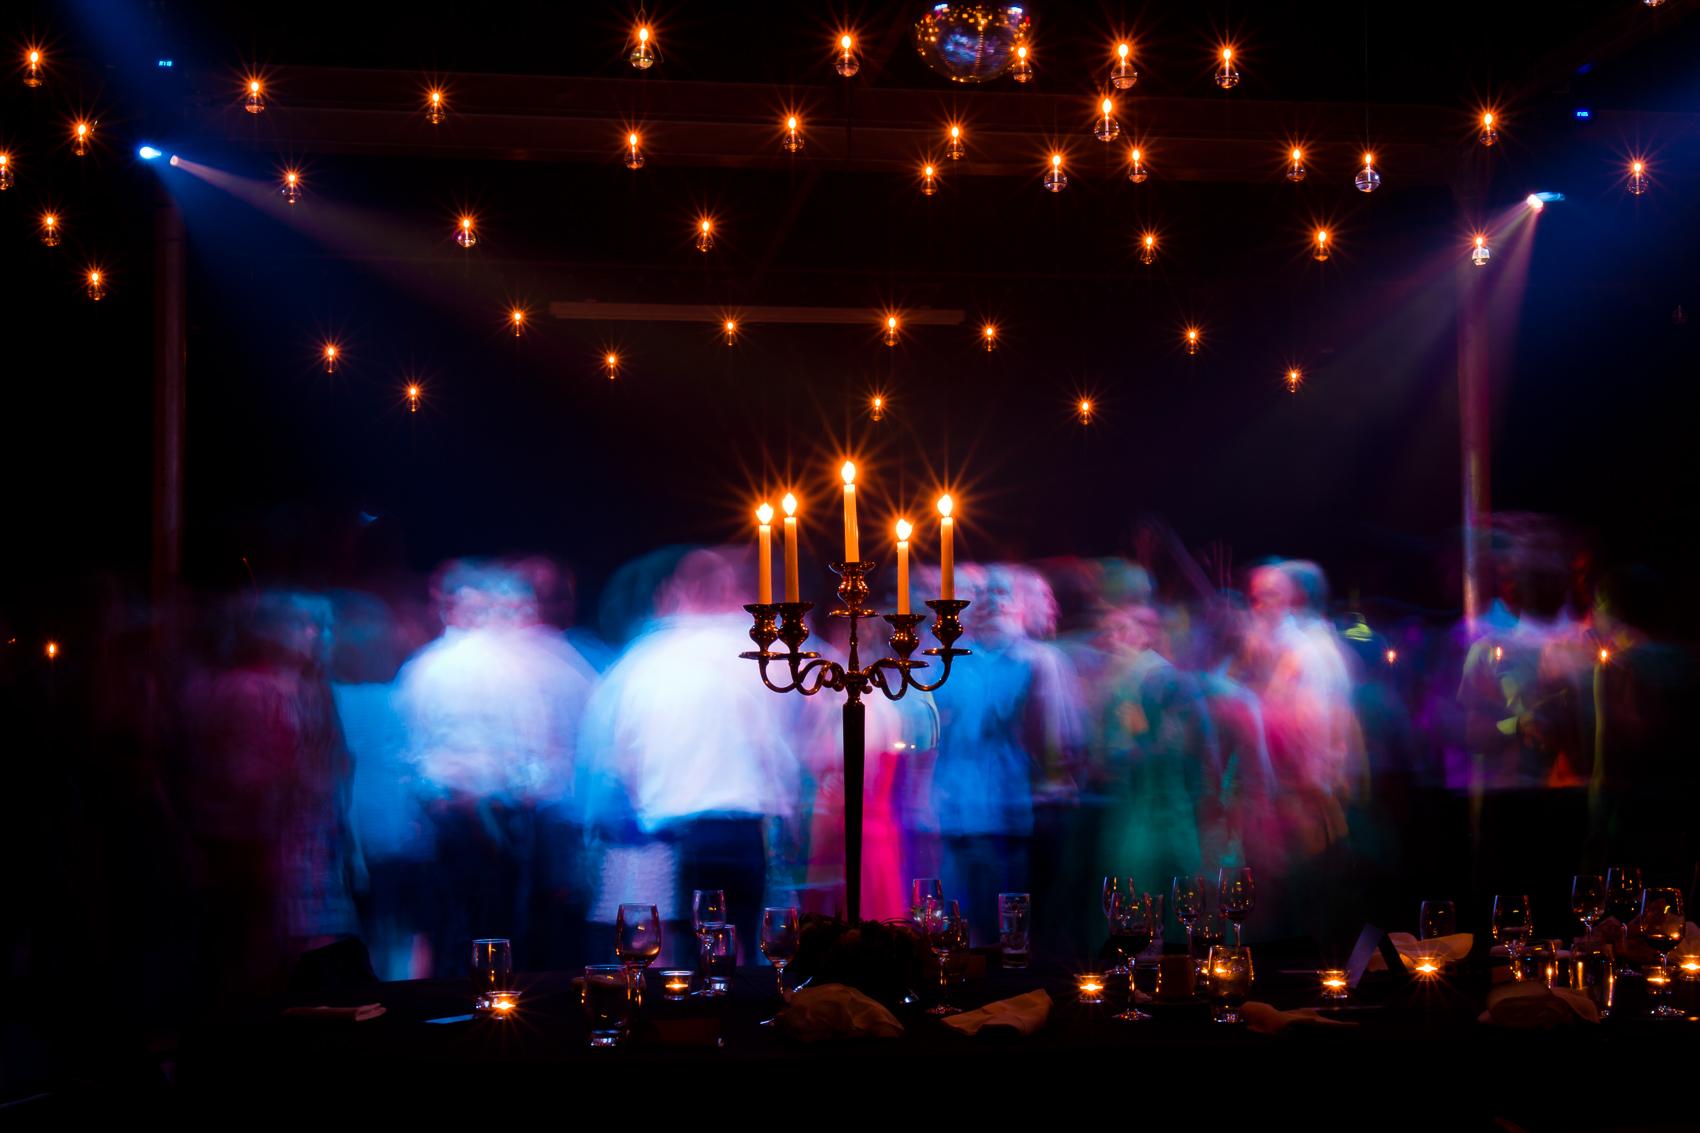 huwelijksfotograaf-iso800-openingsdans-dansfeest